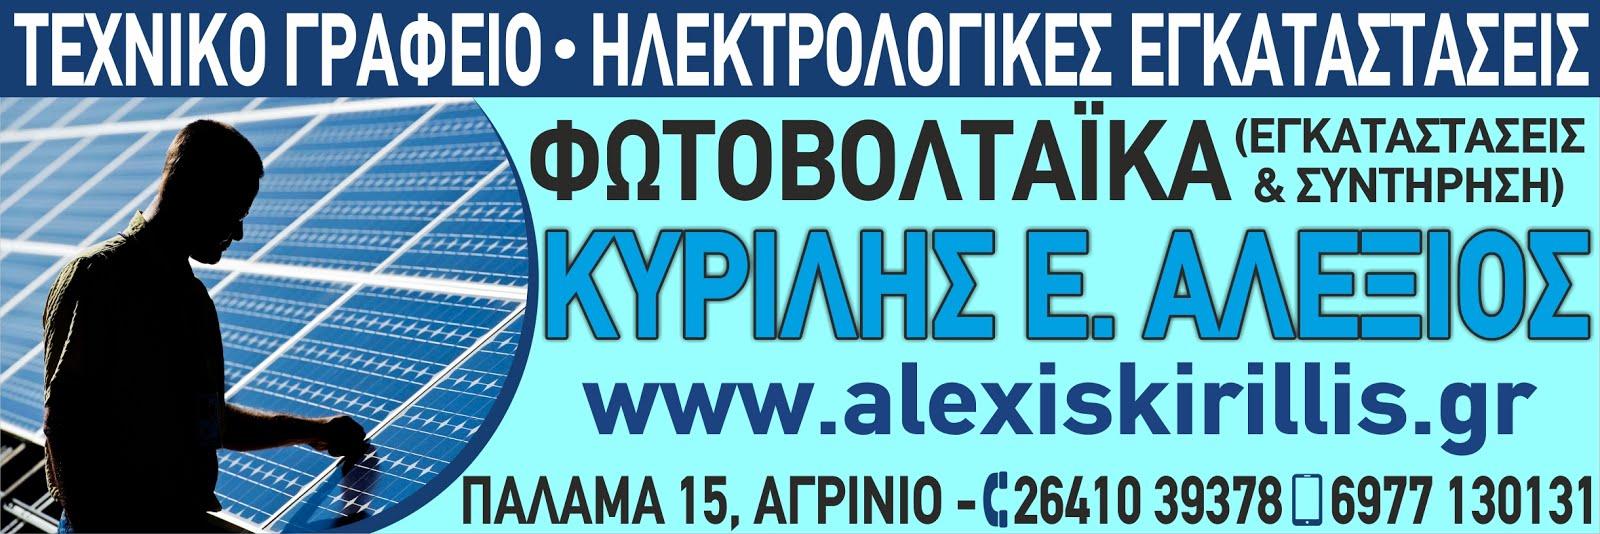 ΚΥΡΙΛΗΣ Ε. ΑΛΕΞΙΟΣ